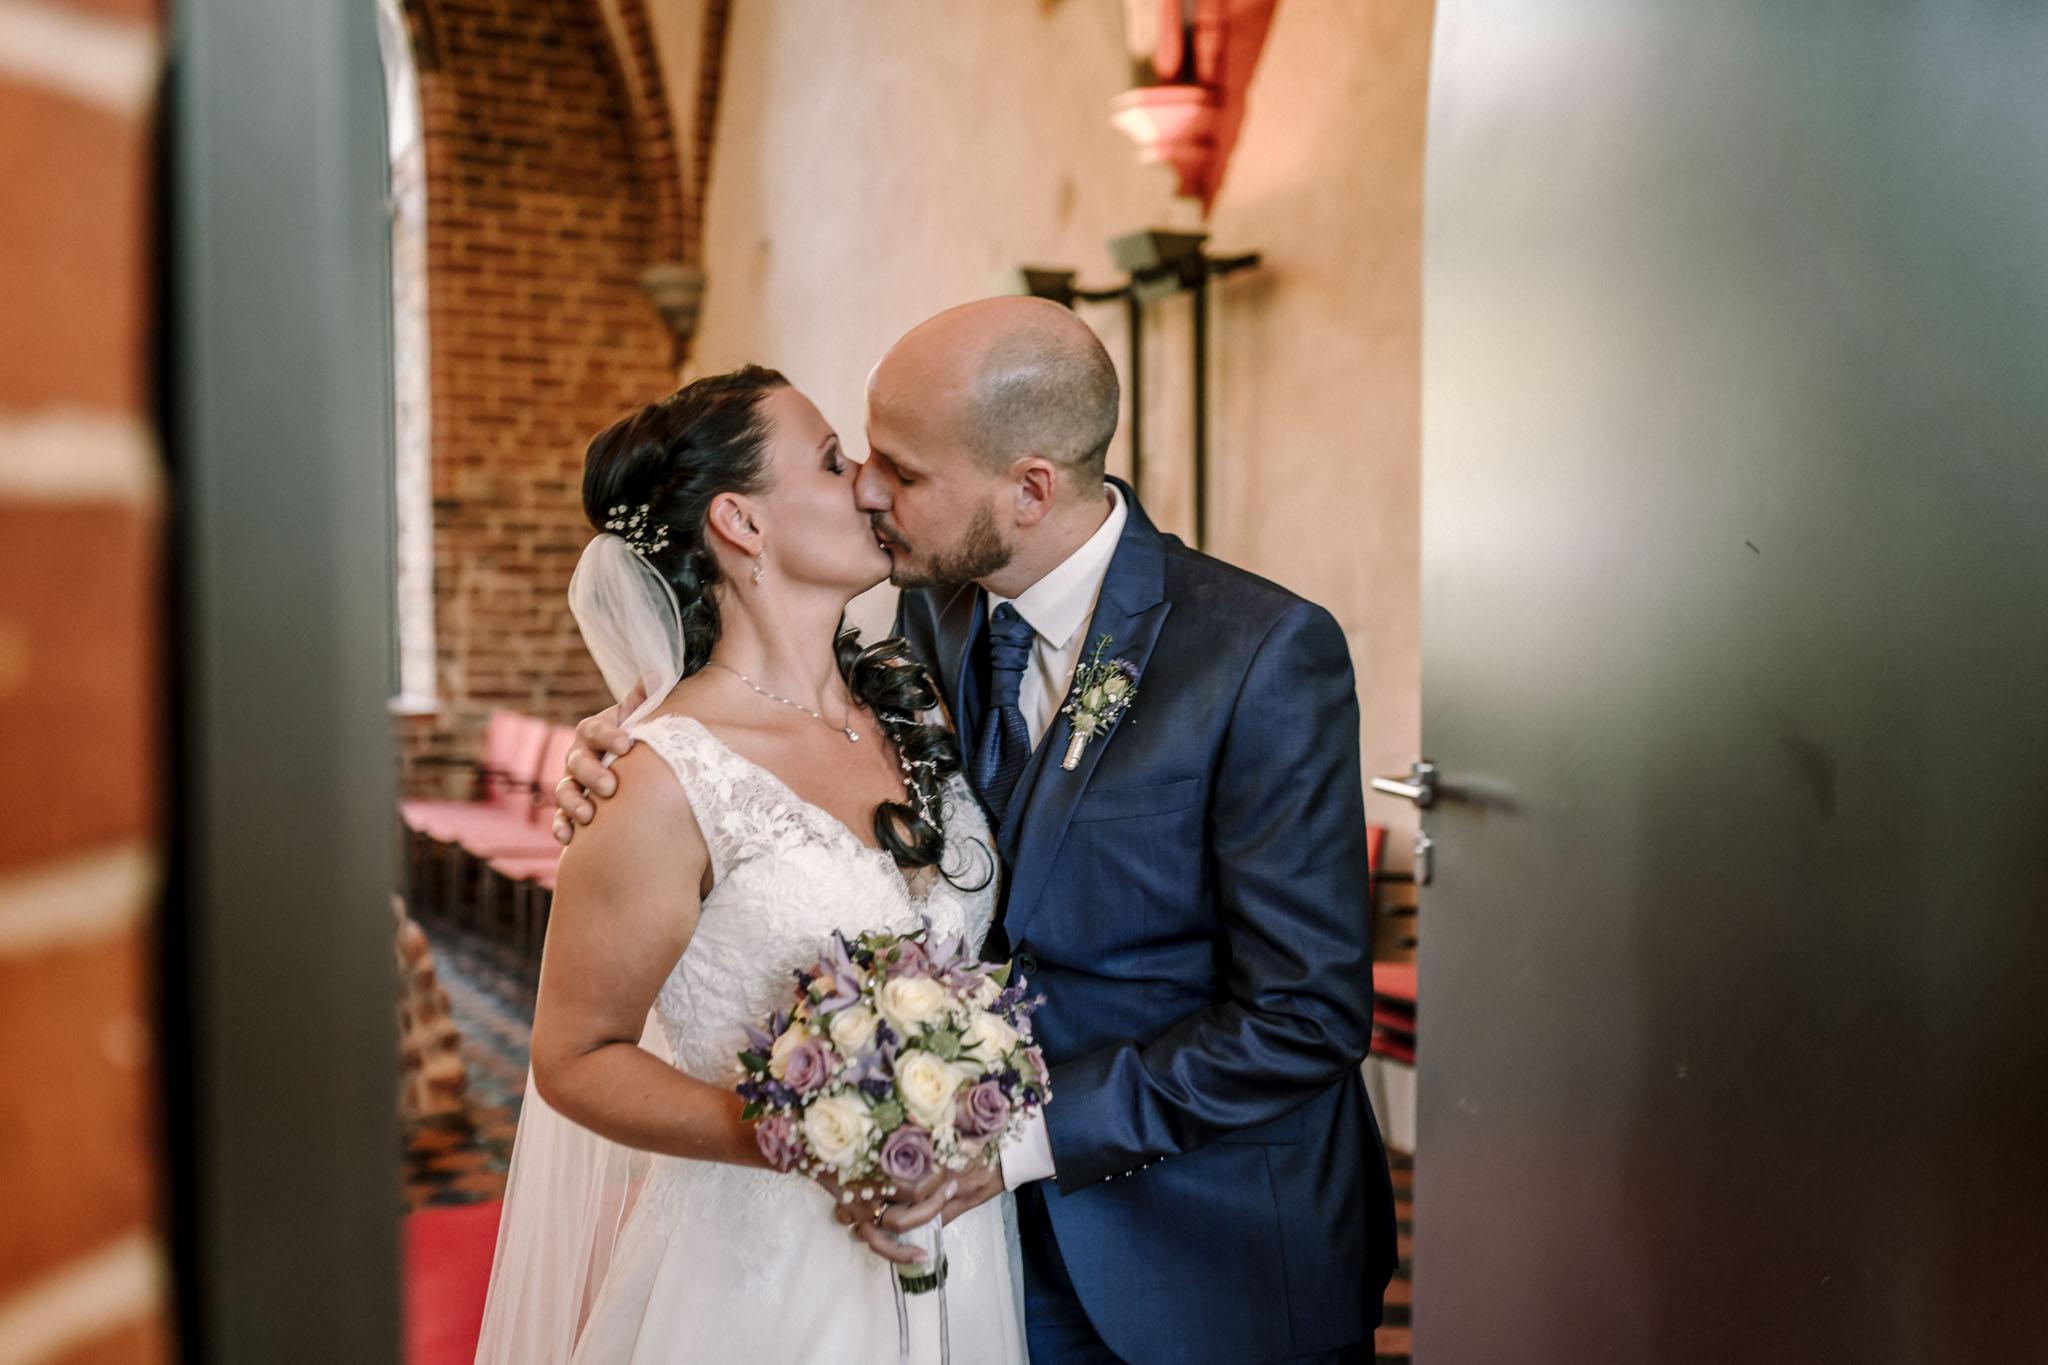 Hochzeitsfieber by Photo-Schomburg, Hochzeitsfotograf, Hamburg,Hochzeitstag, Hochzeitspaar, Braut, Bräutigam, Literaturhauscafe Zarrentin-51